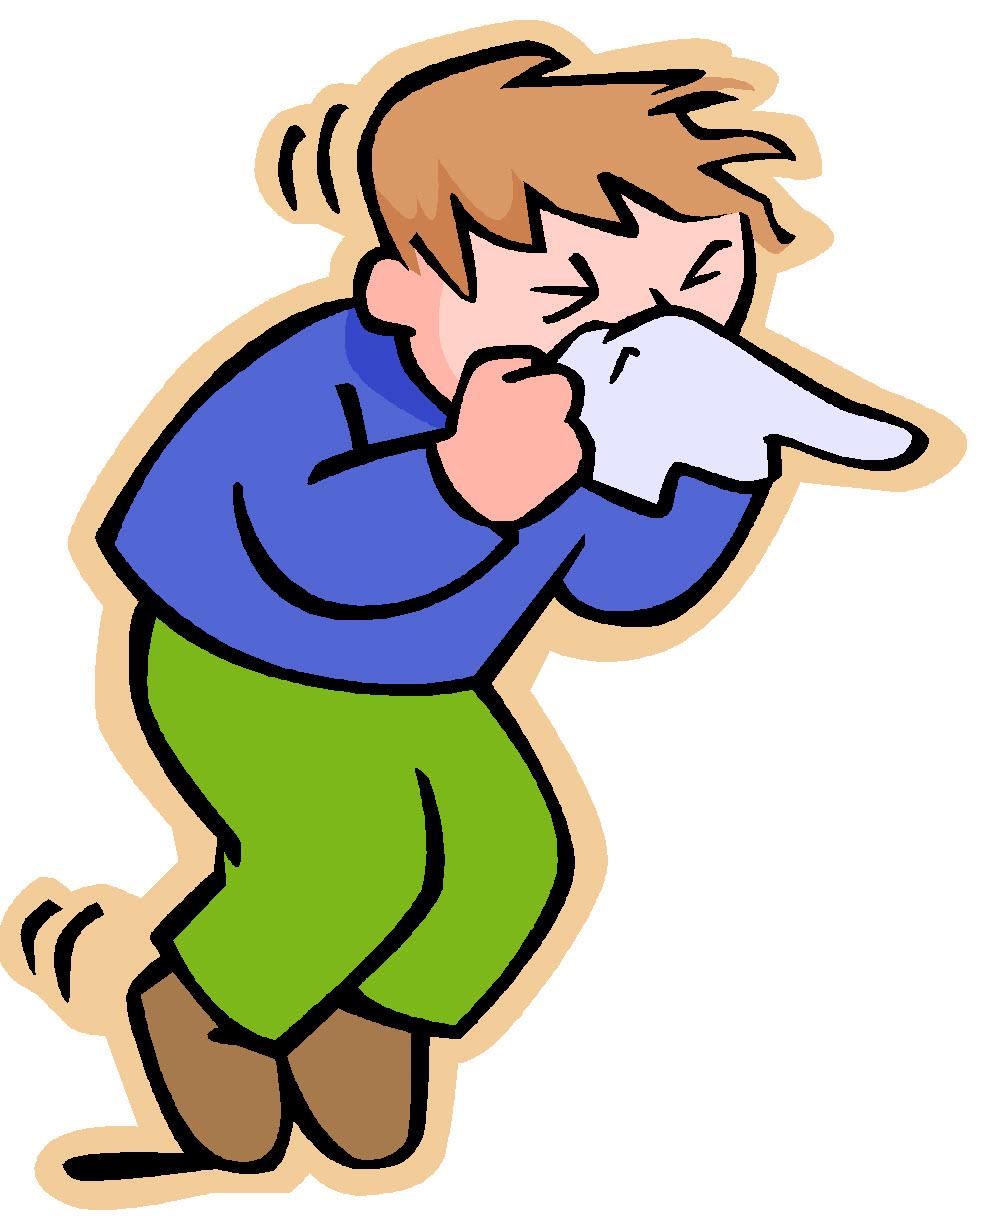 flu clipart - Flu Clip Art